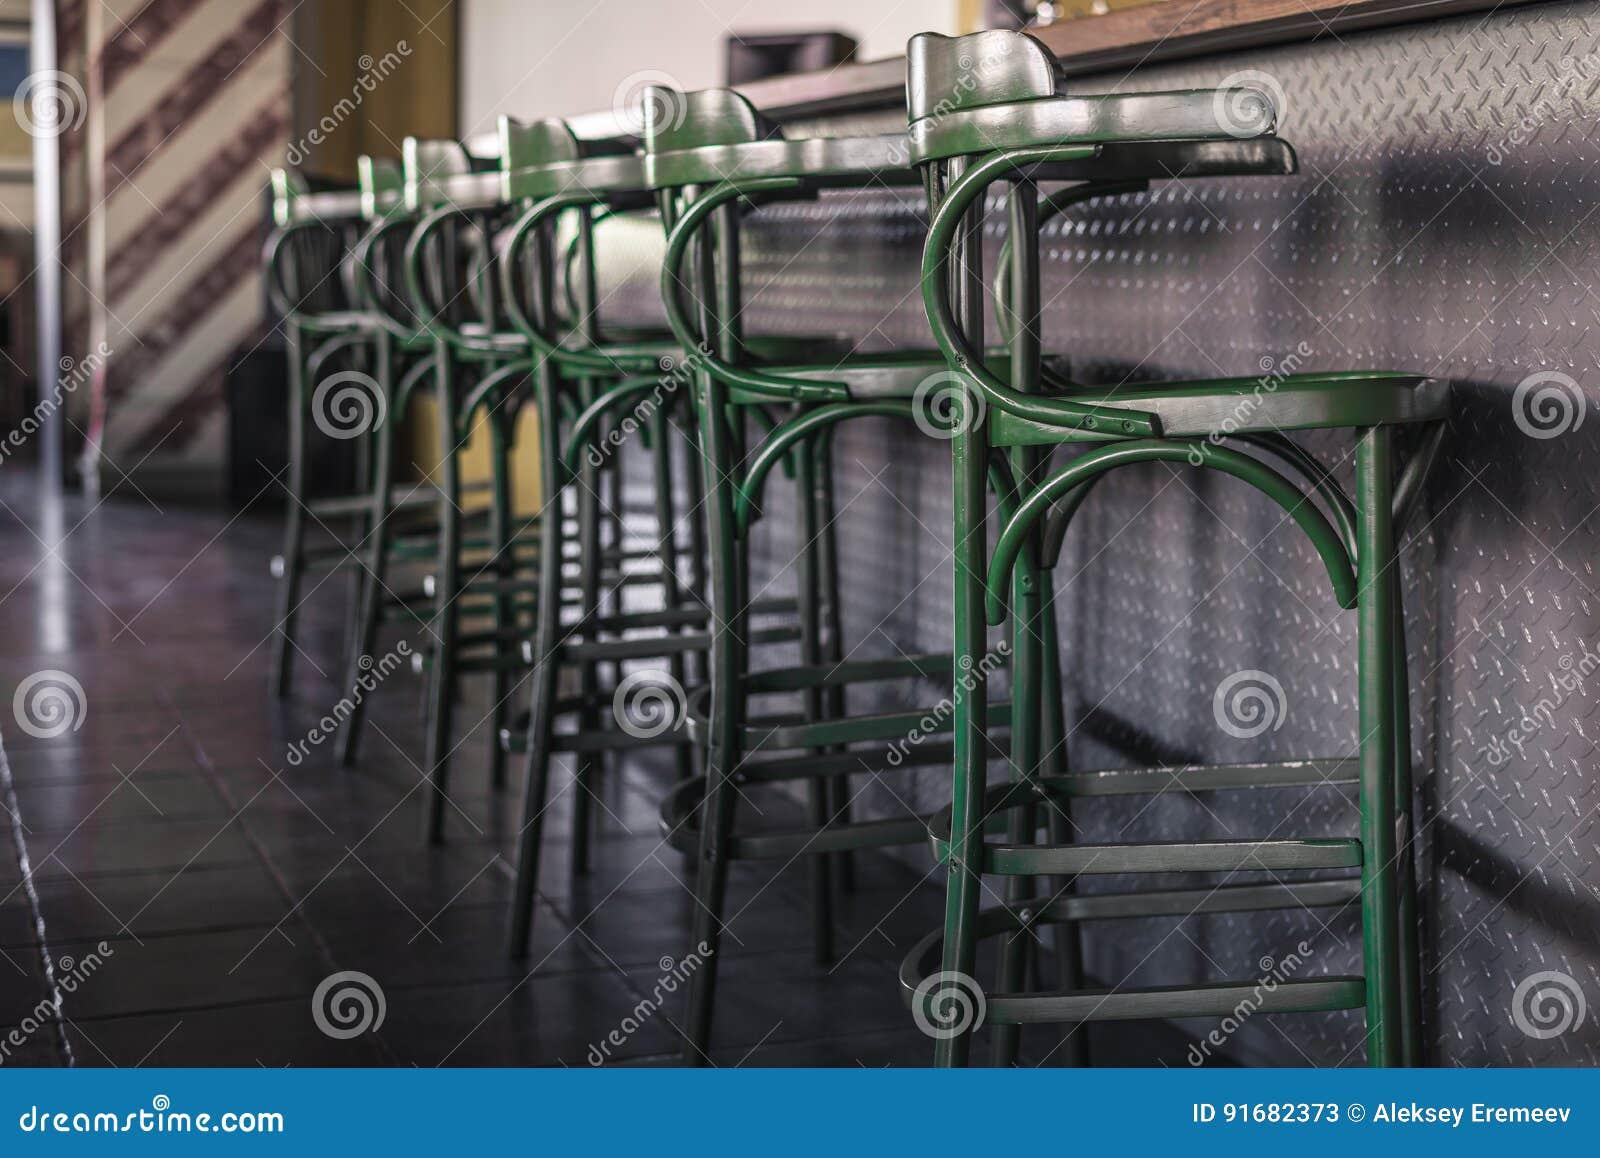 Gli sgabelli da bar verdi dannata stanno in una fila accanto al